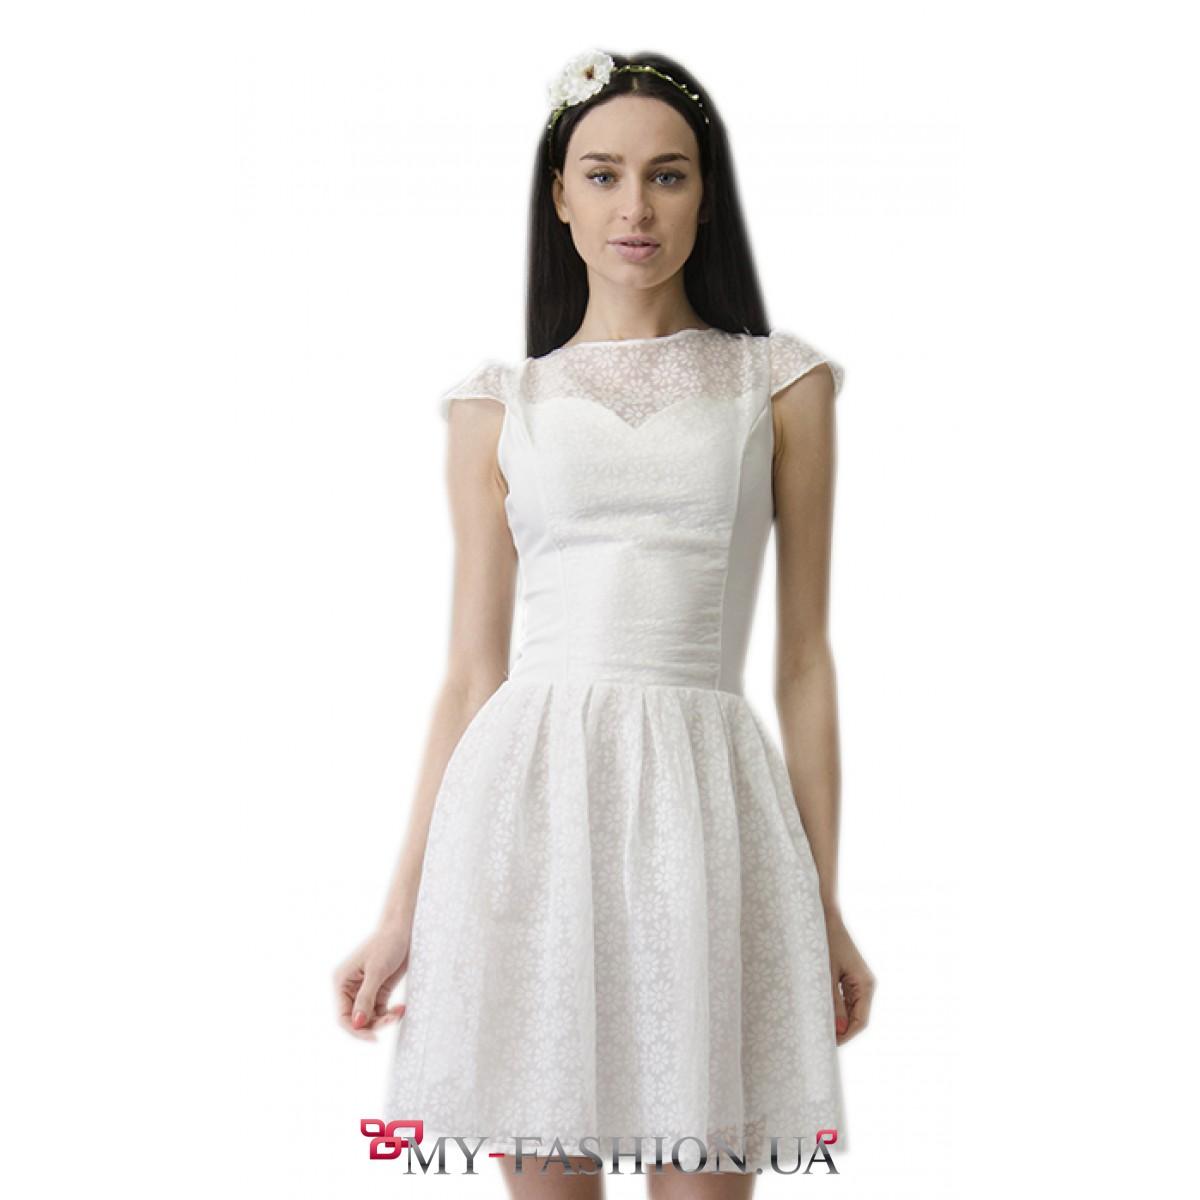 Белое платье с пышными рукавами и юбкой